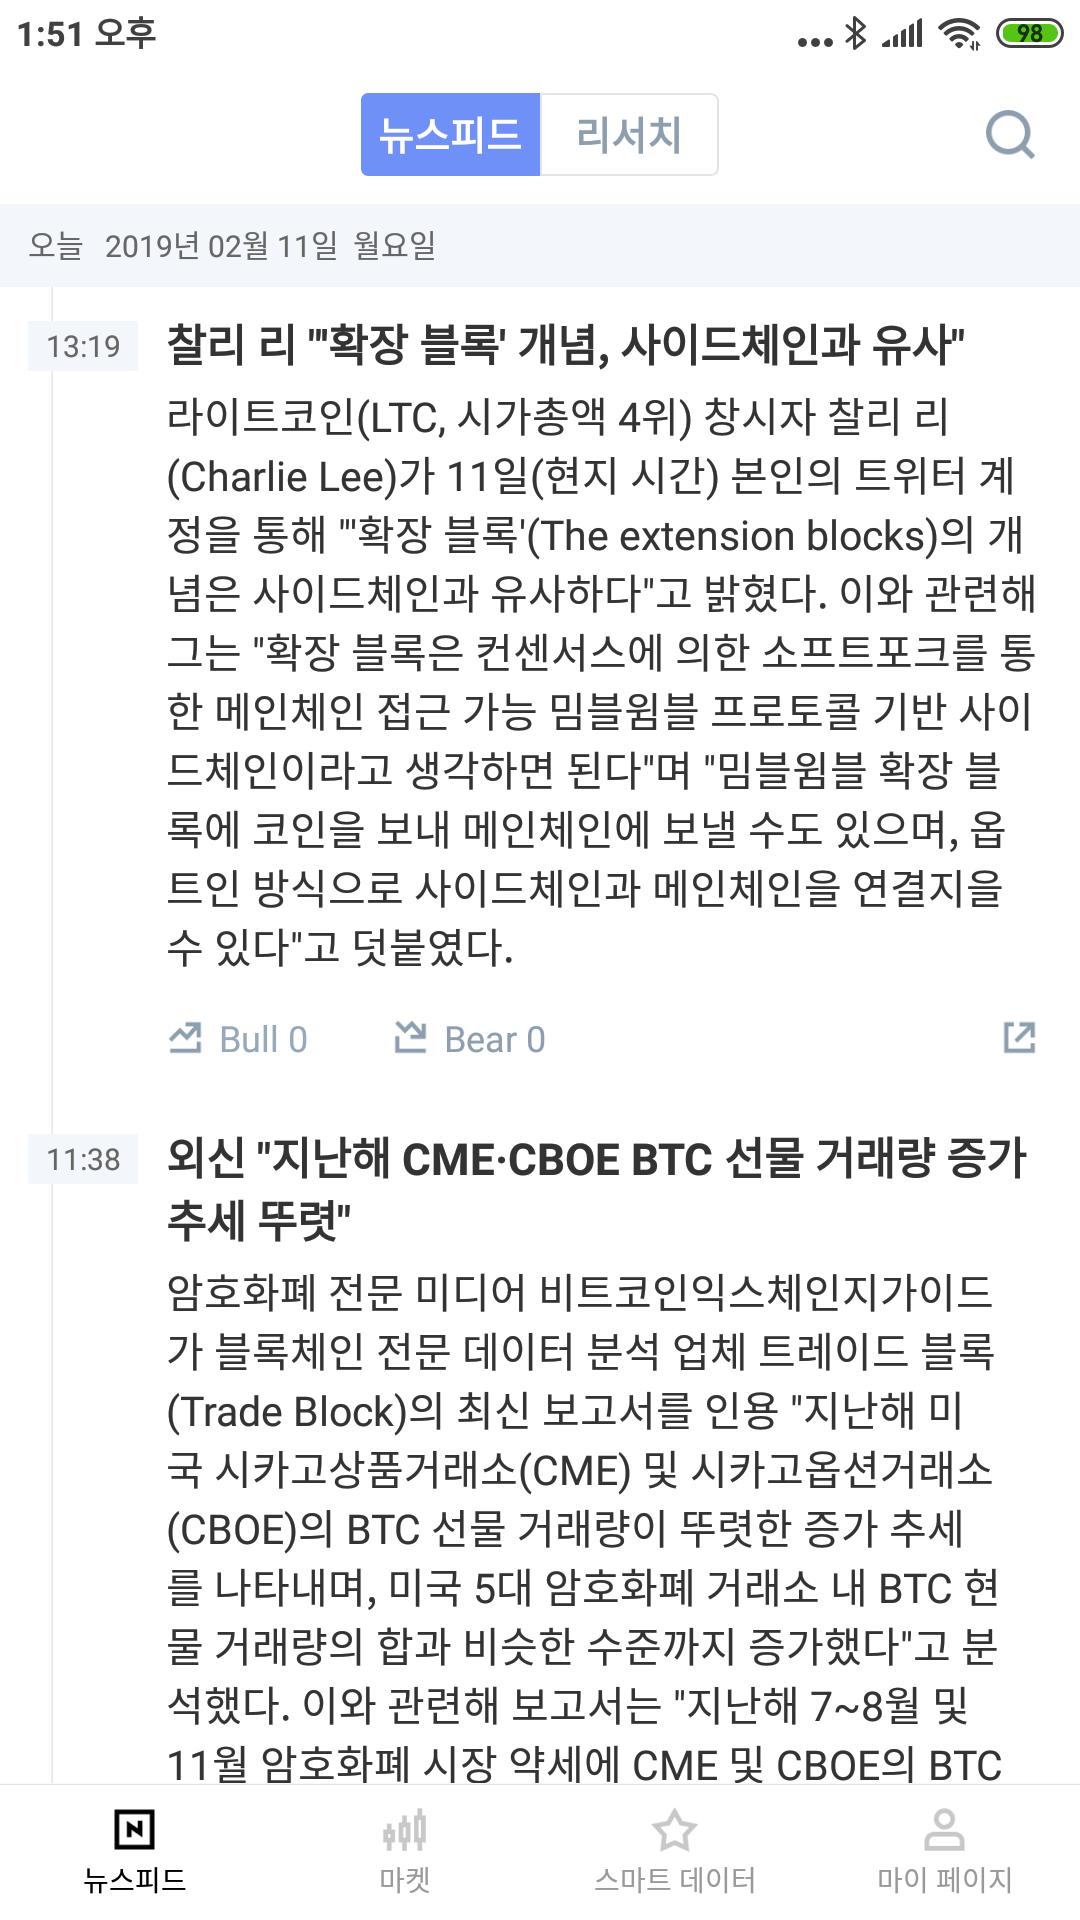 Screenshot_2019-02-11-13-51-45-023_com.coinness.png